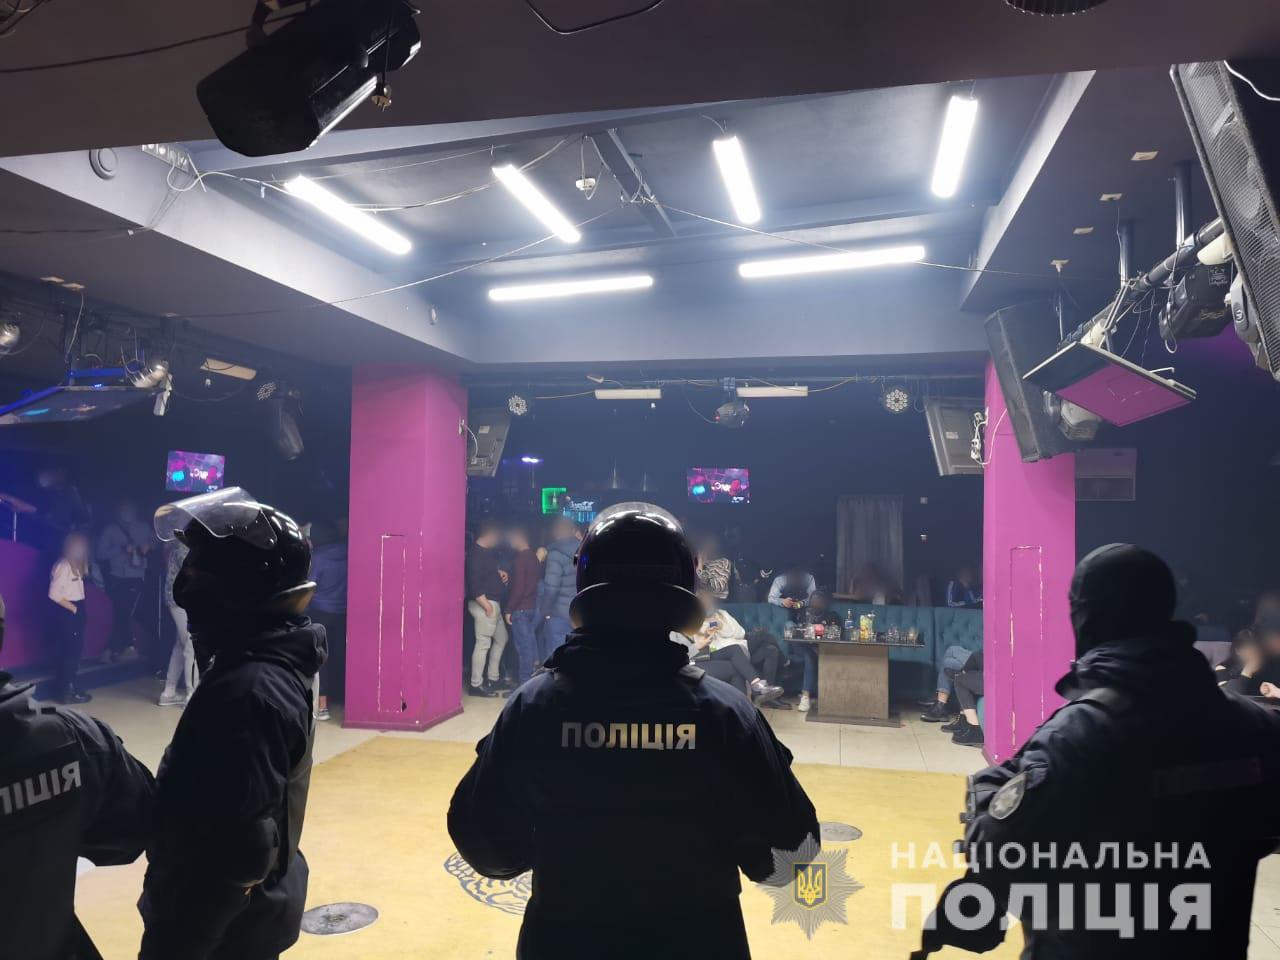 В отношении владельца ночного клуба в Харькове открыто уголовное дело (фото)